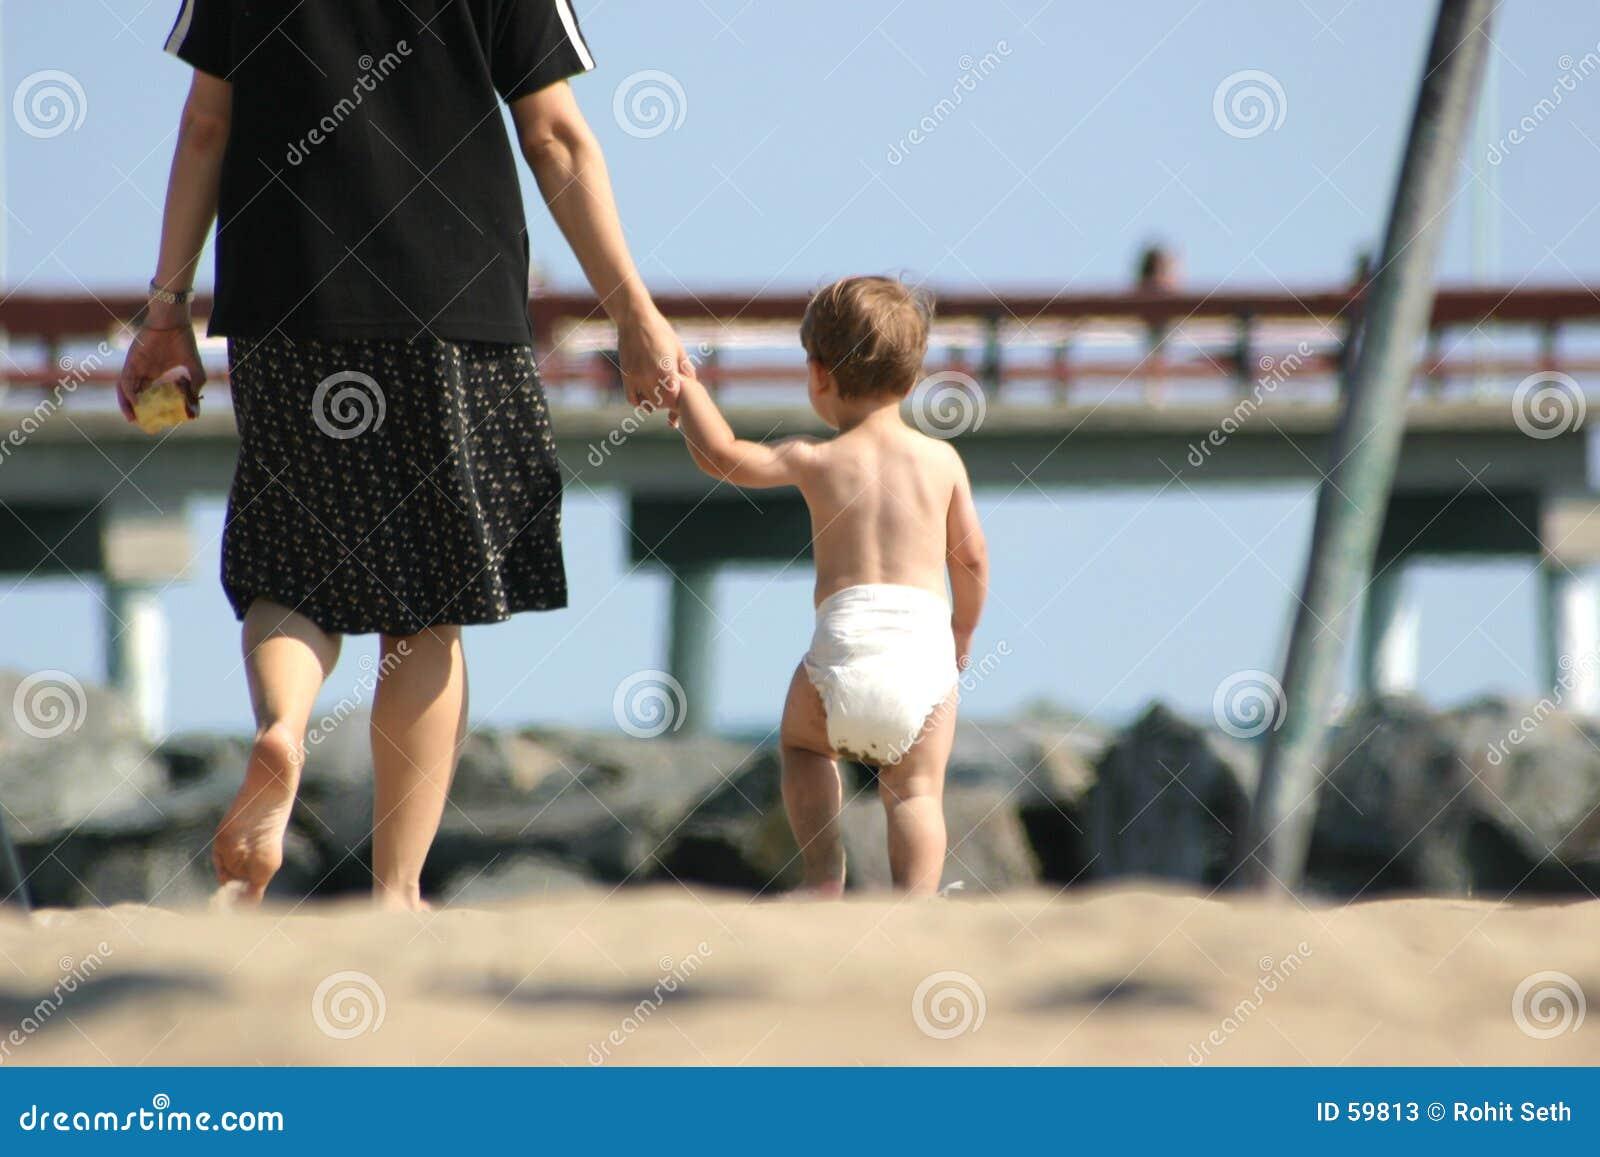 Download Mère et enfant image stock. Image du intrusion, solitaire - 59813